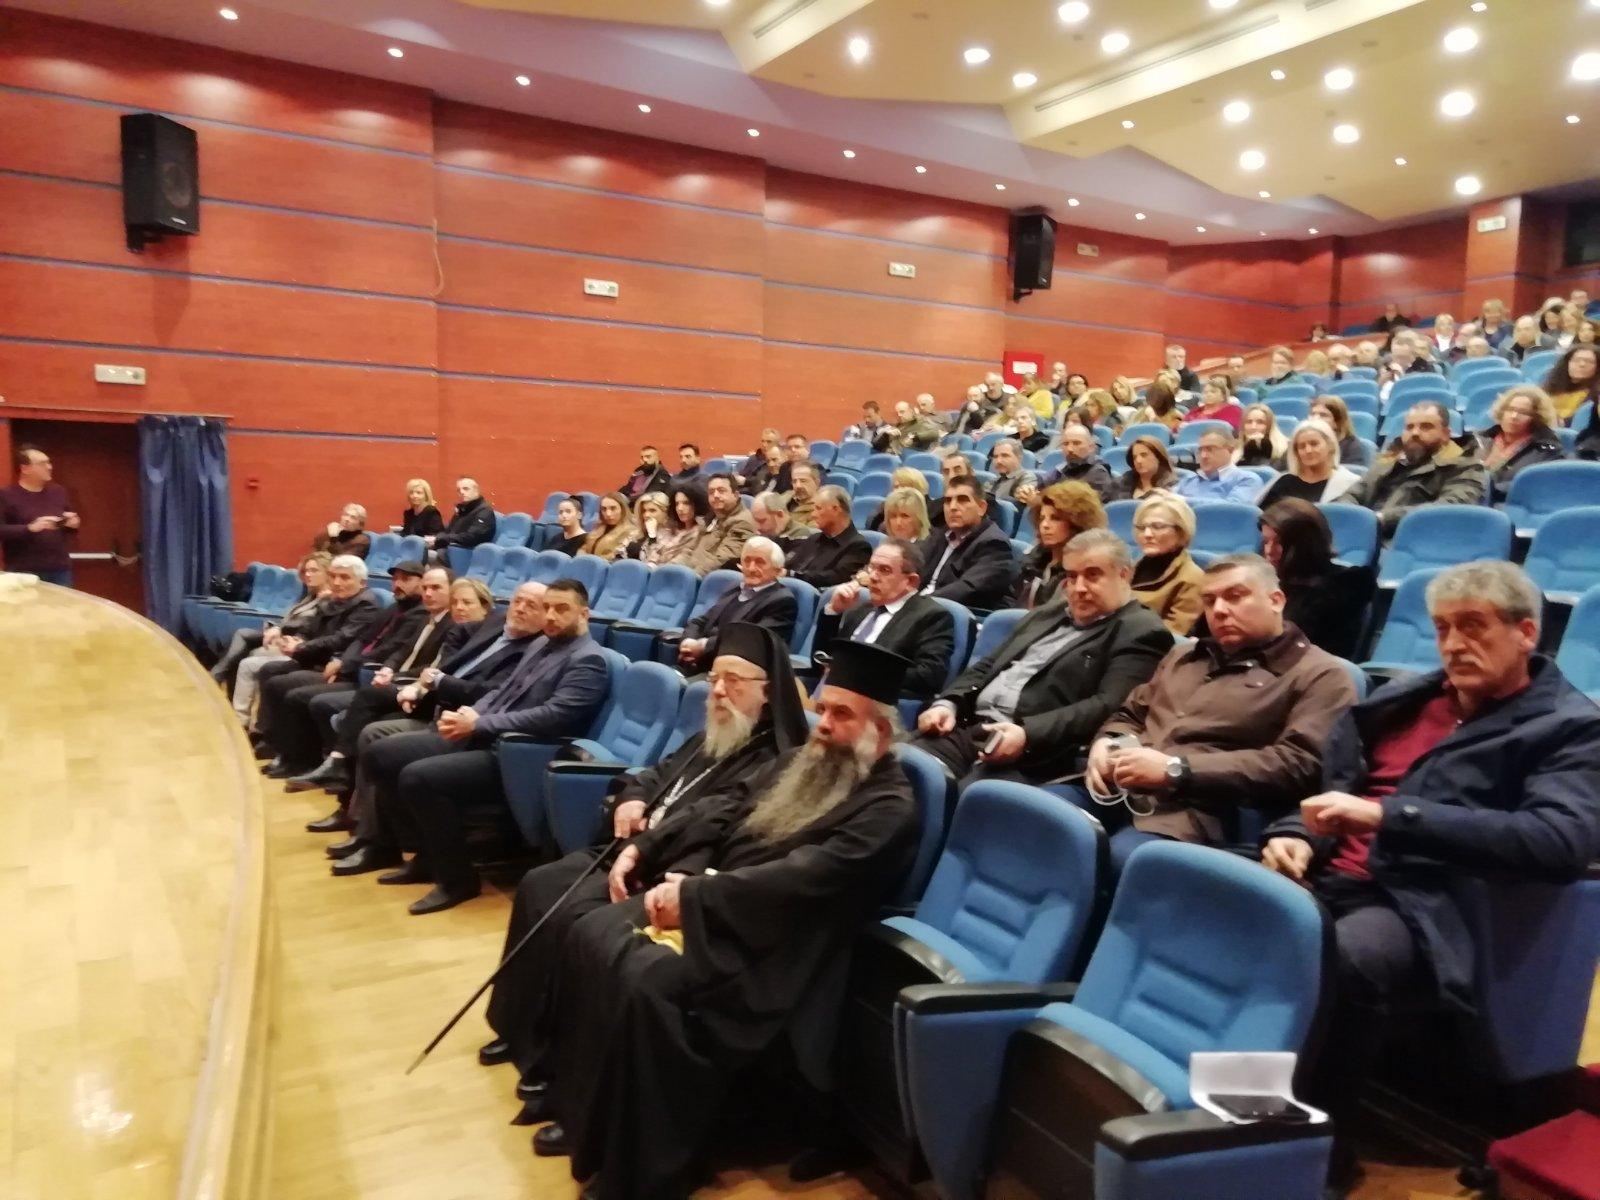 Ν. Φαρμάκης στην κοπή πίτας της ΠΕ Αιτωλοακαρνανίας: Καθημερινός αγώνας για την προκοπή και τη διεκδίκηση των στόχων της Δυτικής Ελλάδας